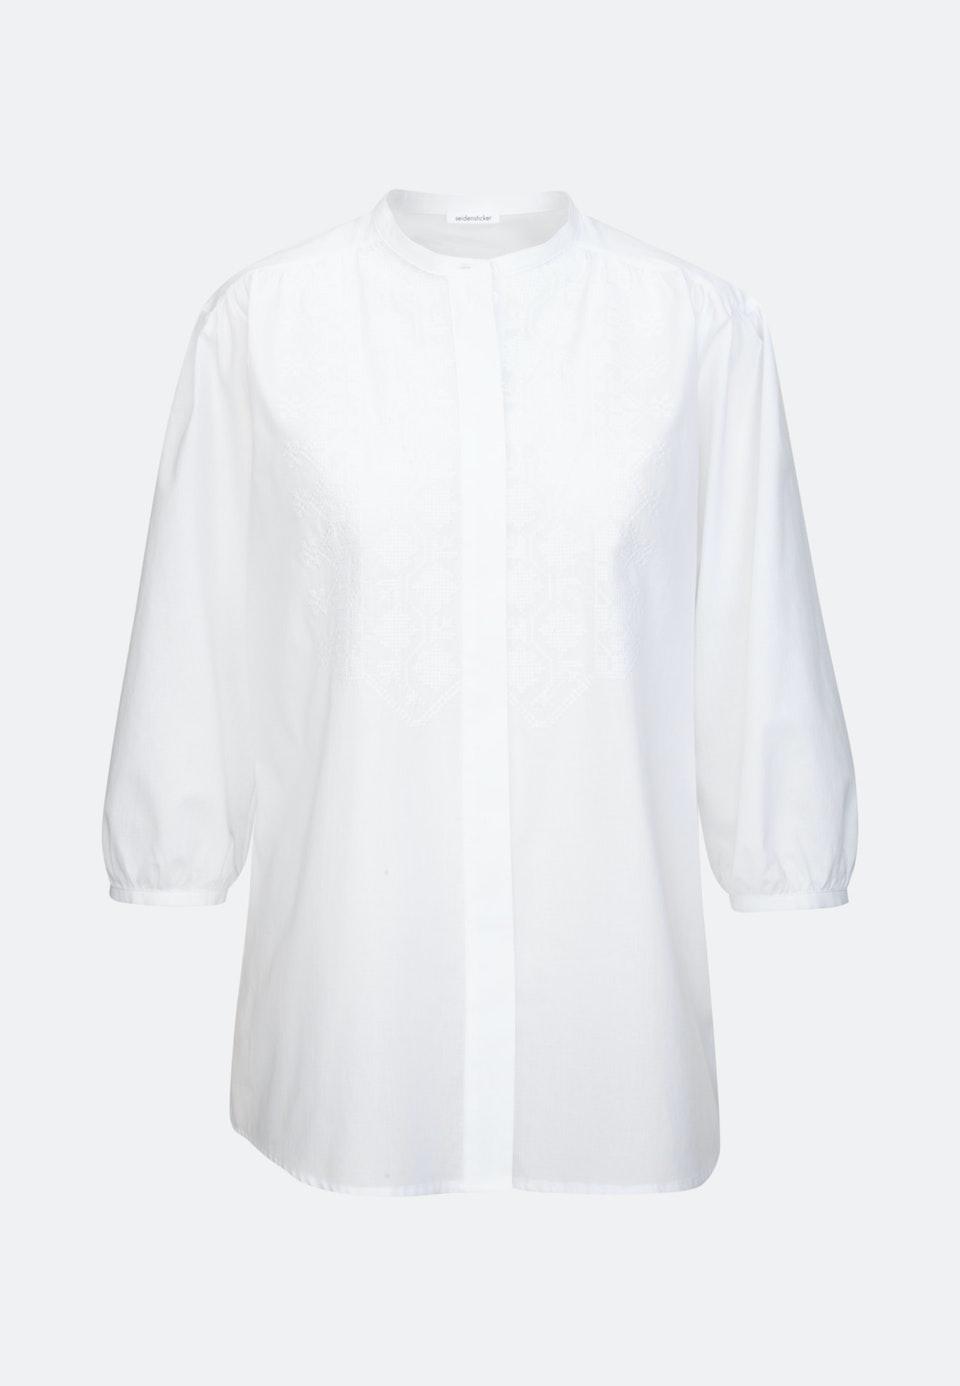 3/4 sleeve Voile Stand-Up Blouse aus 100% Cotton in White |  Seidensticker Onlineshop